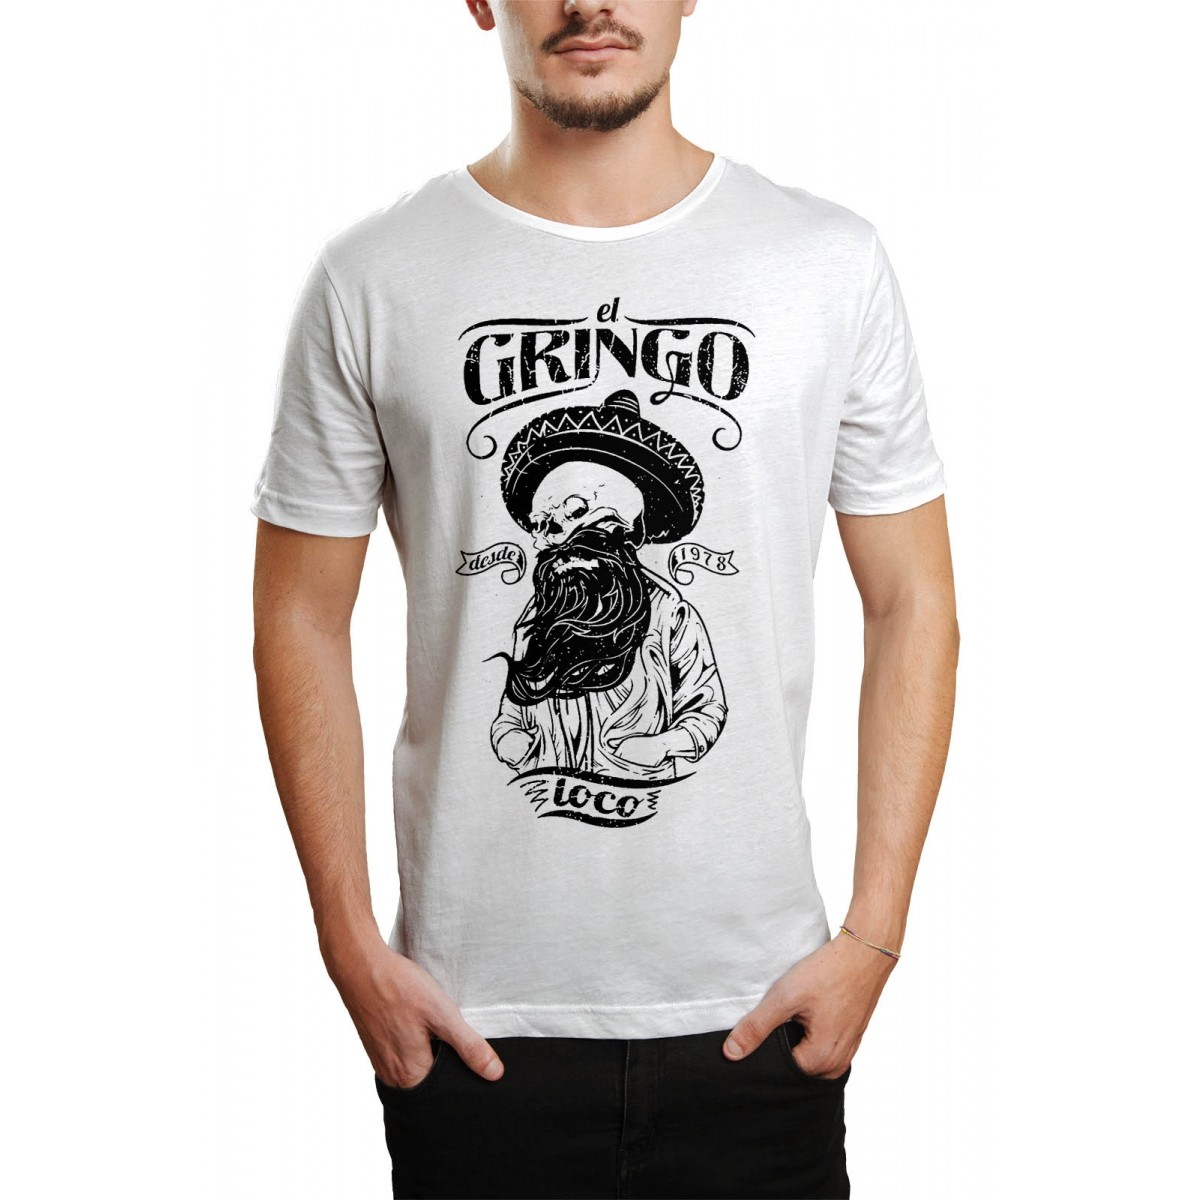 Camiseta HShop El Gringo Branco Branco  - HShop